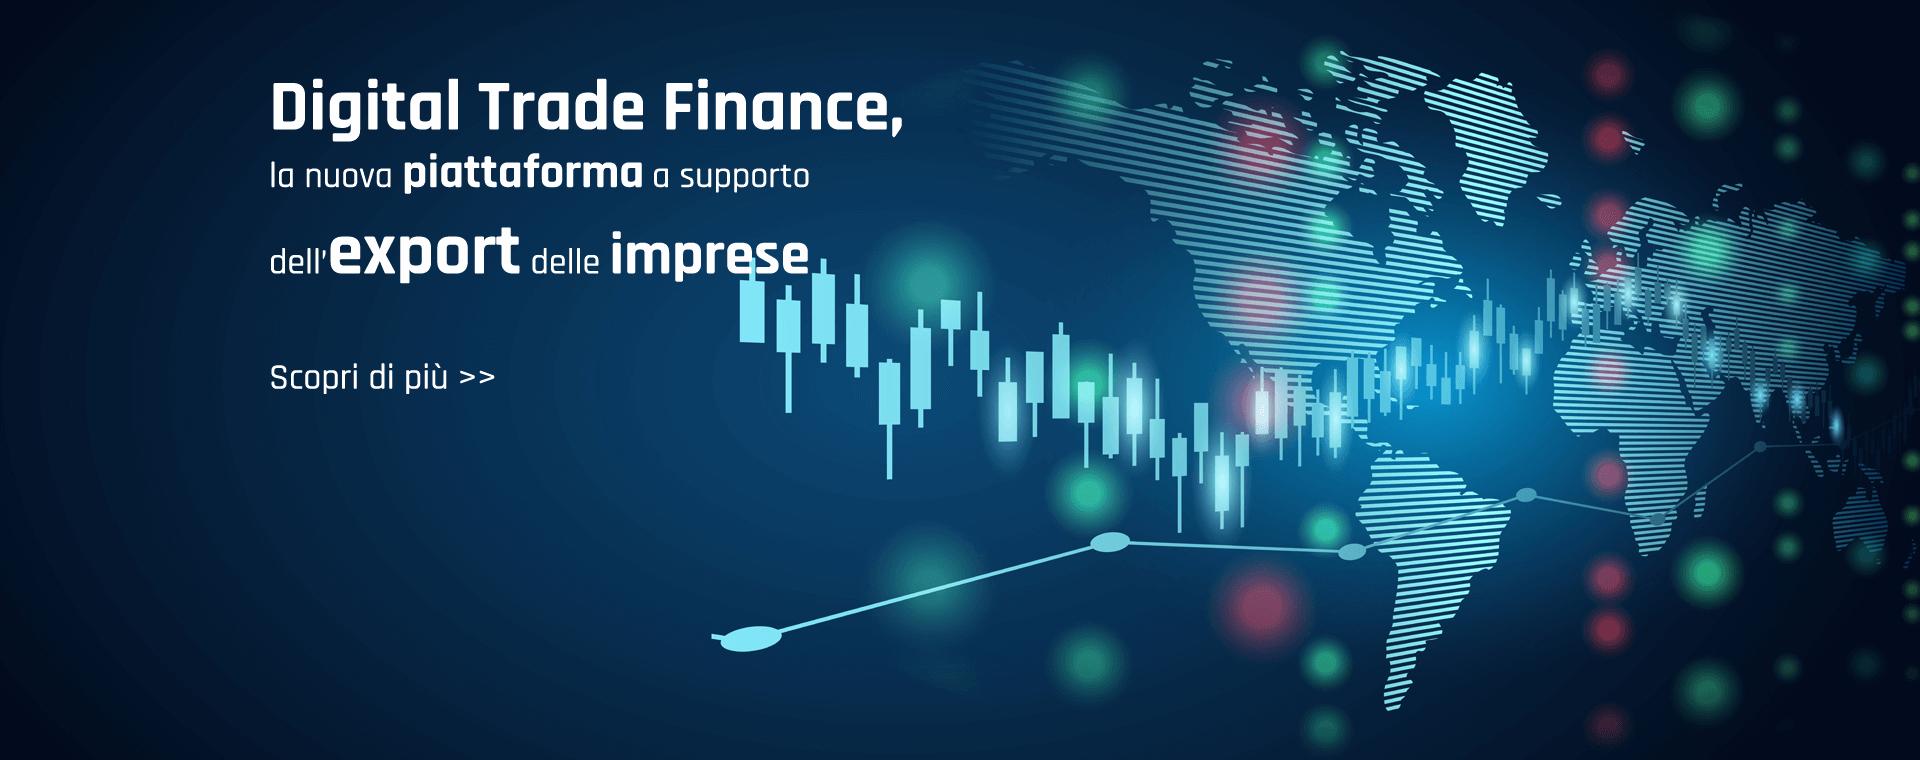 Digital Trade Finance: SIA lancia nuova piattaforma digitale per supportare l'internazionalizzazione delle imprese